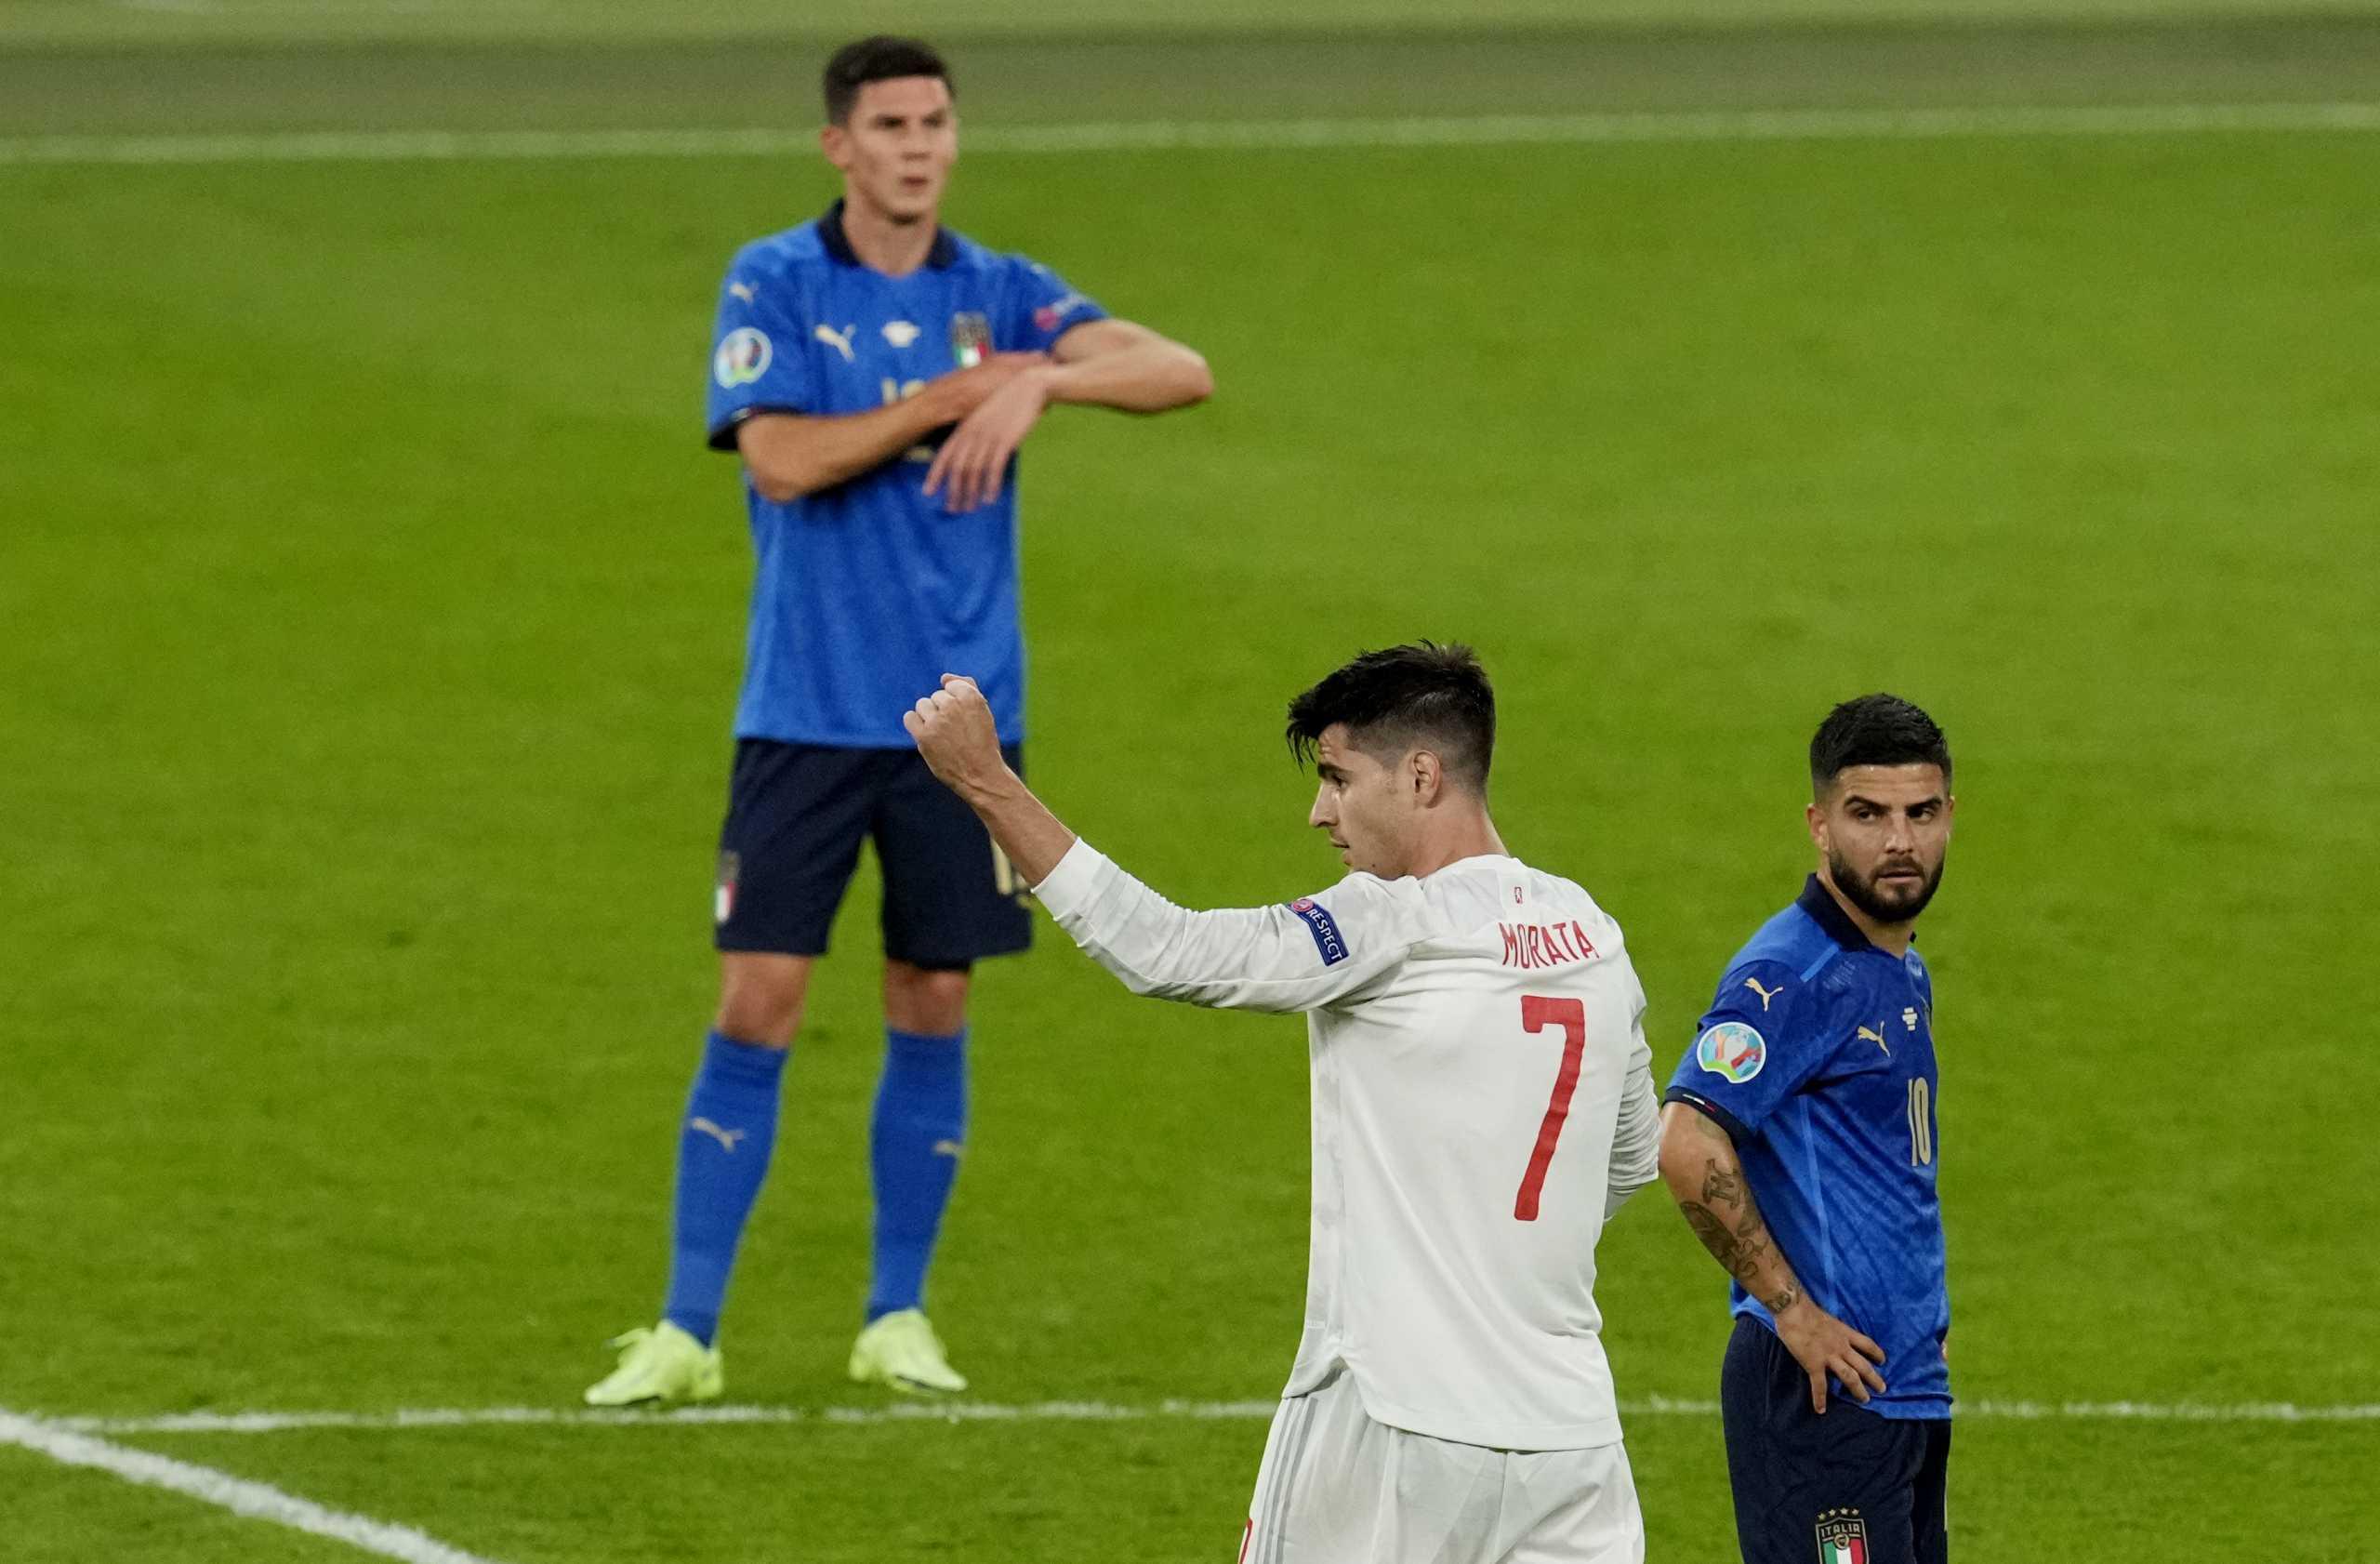 Euro 2020, Ιταλία – Ισπανία: Γκολ και φιλάκια από τον Μοράτα